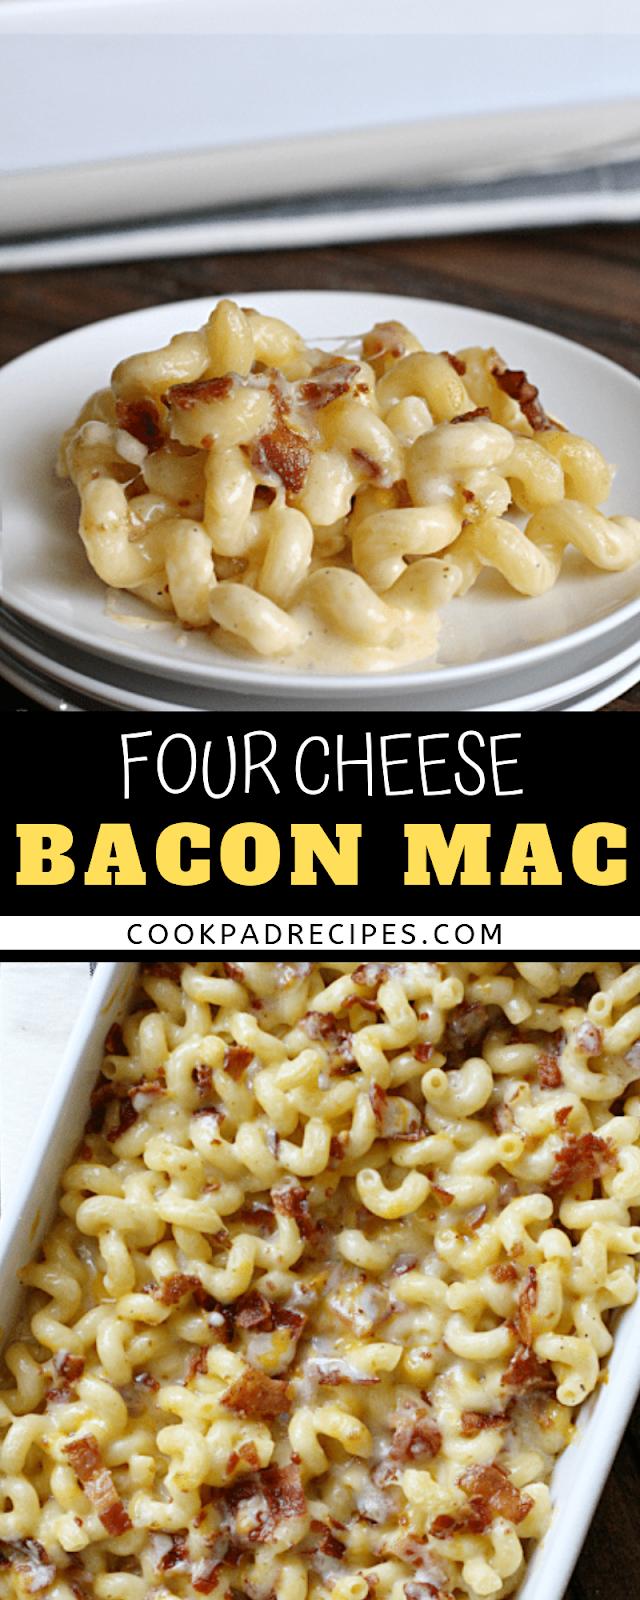 Fоur Chееѕе Bacon Mac